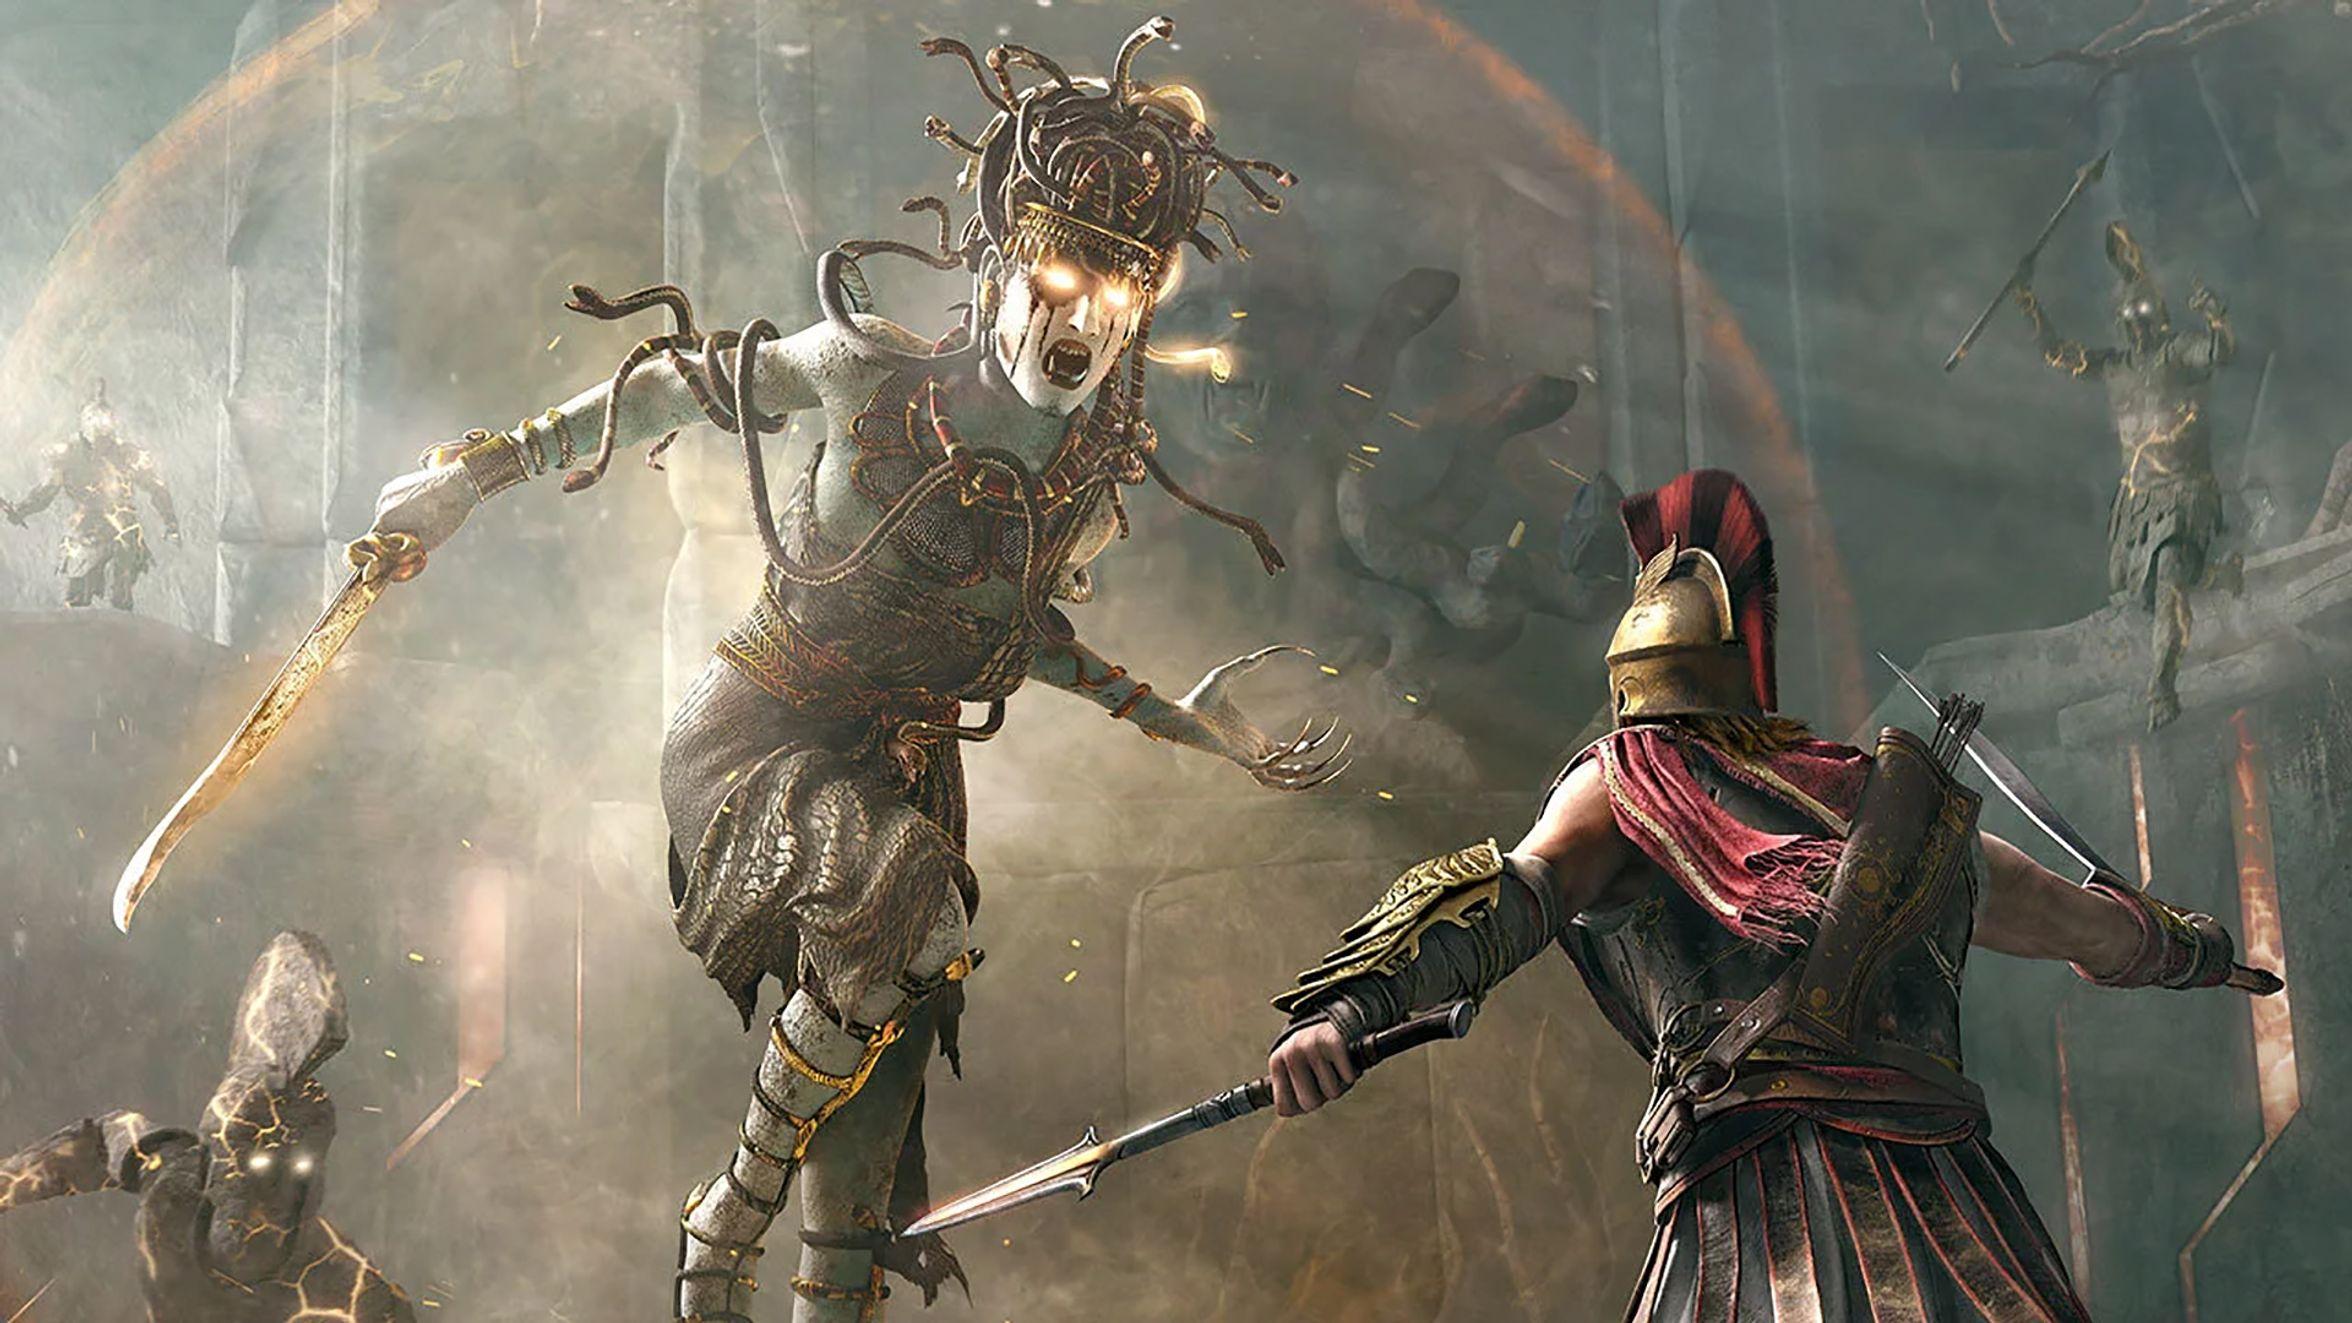 شرکت Ubisoft به کسانی که حداقل یک ساعت در Project Stream به انجام بازی بپردازند، یک نسخه دیجیتالی رایگان از عنوان Assassin's Creed Odyssey هدیه میدهد